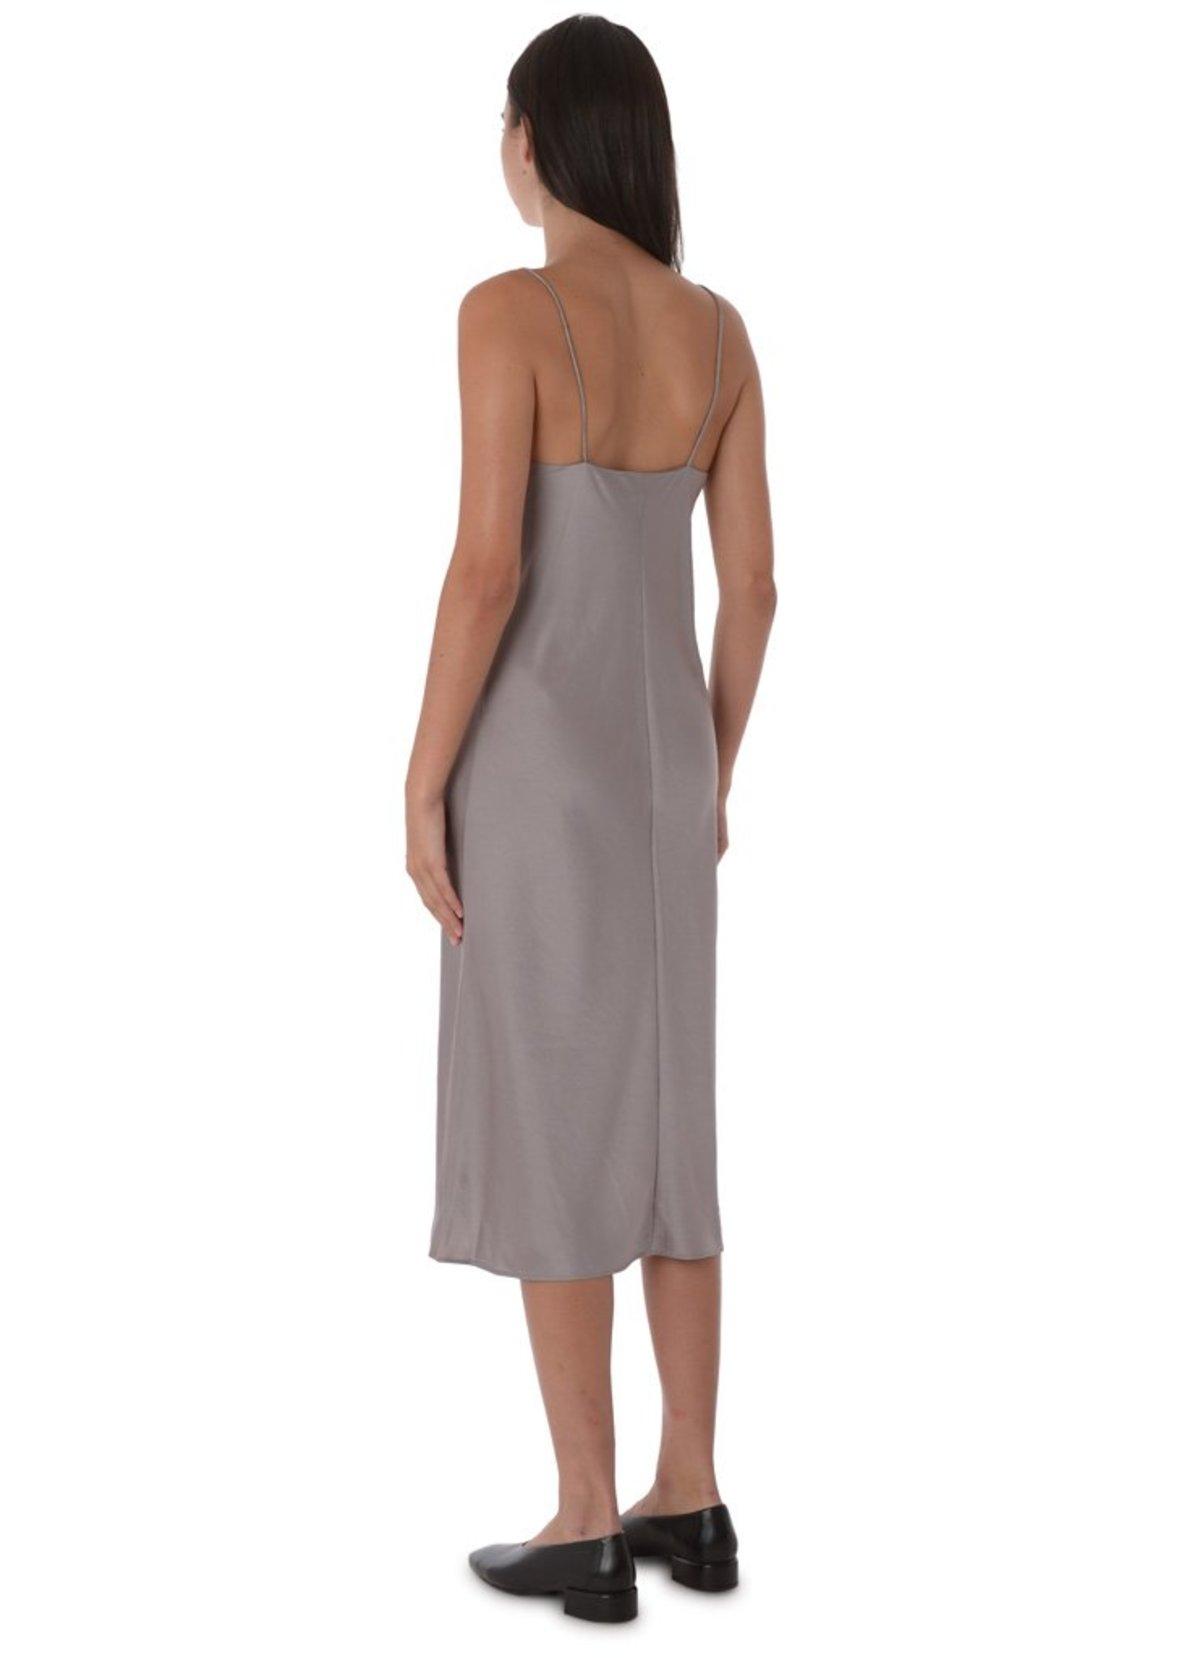 f04429fdf68 Filippa K Satin Slip Dress - Oyster